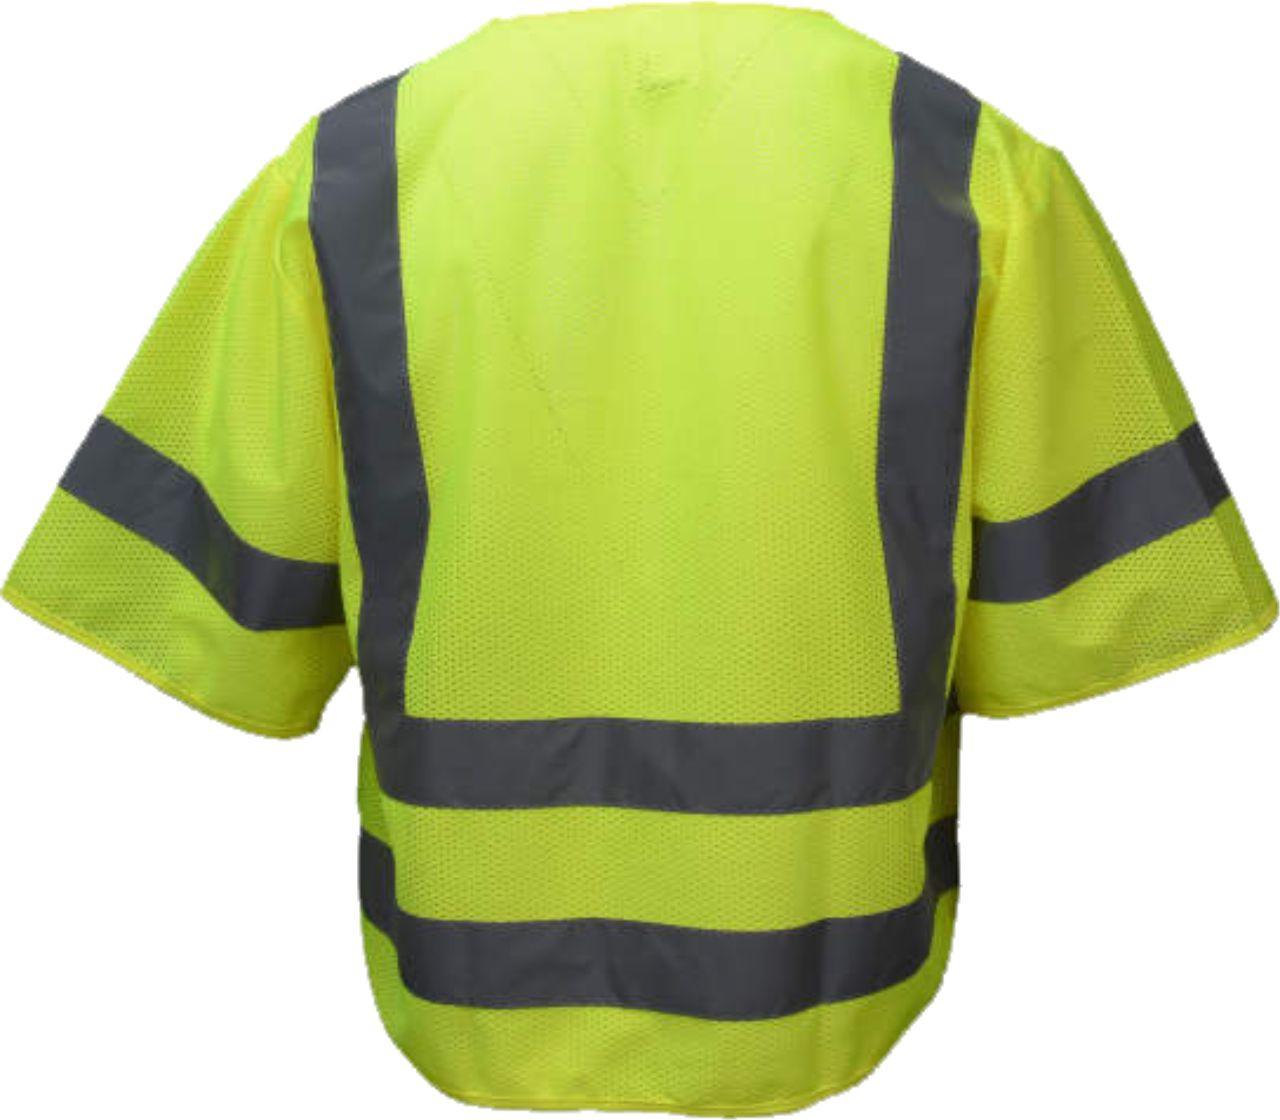 ANSI Class 3 Safety Green Safety Vest